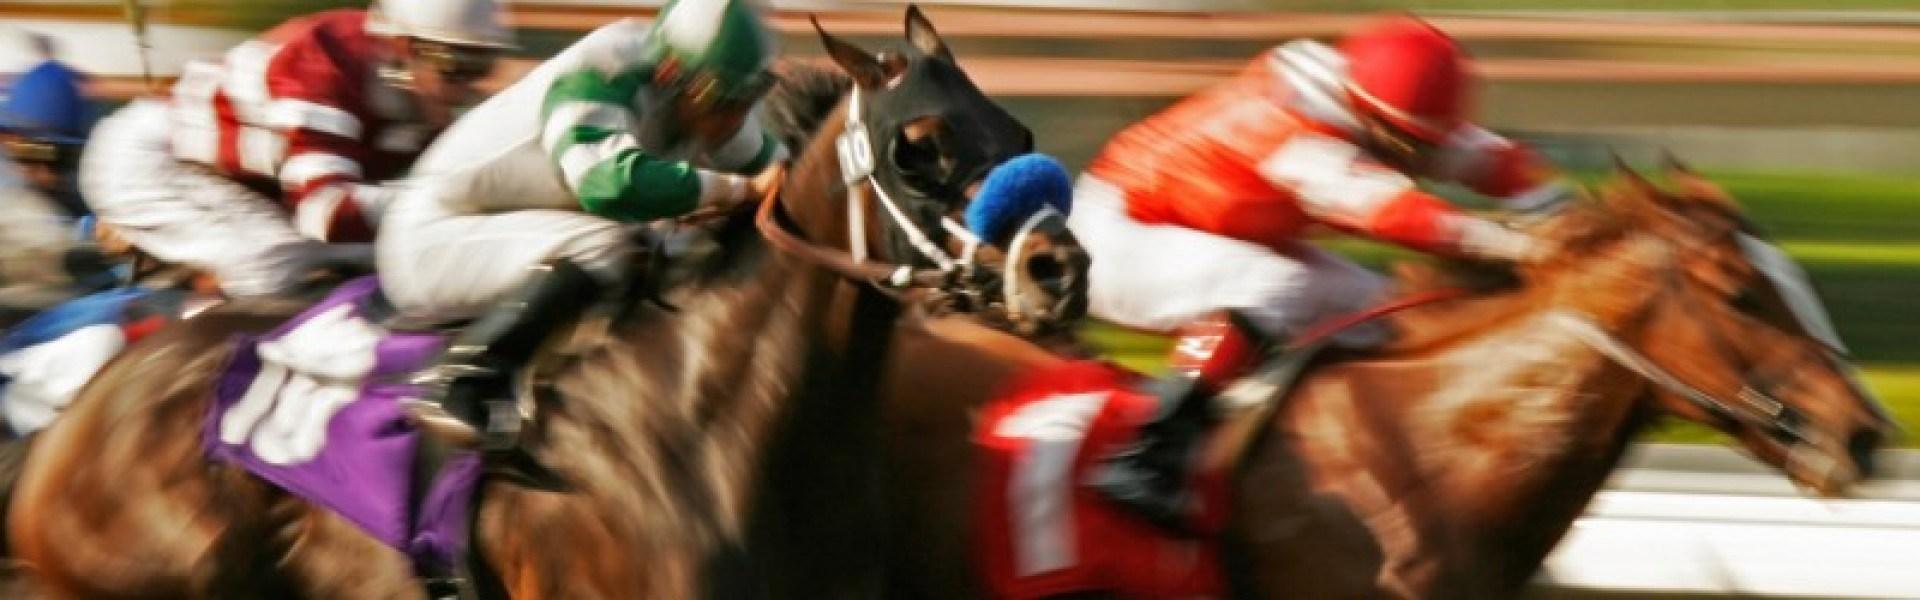 馬の獣医 Kawata Equine Practice